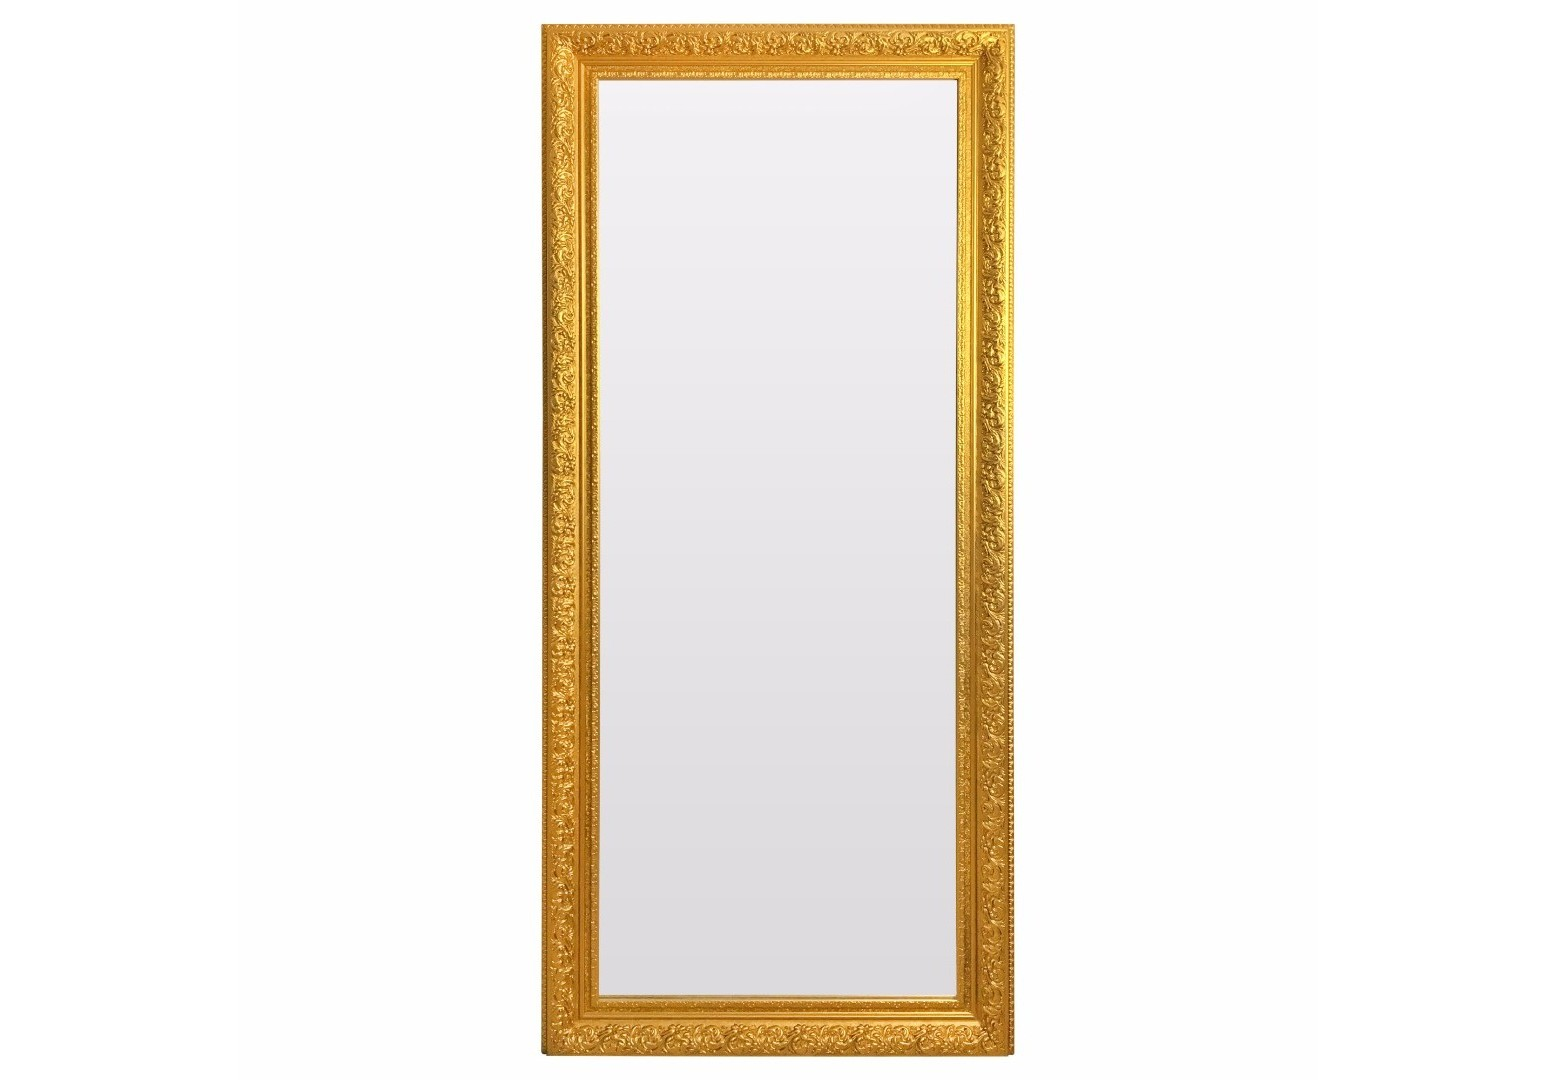 Зеркало GoldНапольные зеркала<br>Зеркало в полный рост - это важный атрибут для каждой представительницы прекрасного пола. Вы согласны? Чтобы получился завершенный образ нужно обязательно увидеть себя полностью, провести взглядом с ног до головы. Все сочетается по стилю, цвету, все нравится и вуаля...встречай мир меня прелестную! Классический цвет этого напольного зеркала заведомо дружелюбен любому Вашему интерьерному решению.<br><br>kit: None<br>gender: None